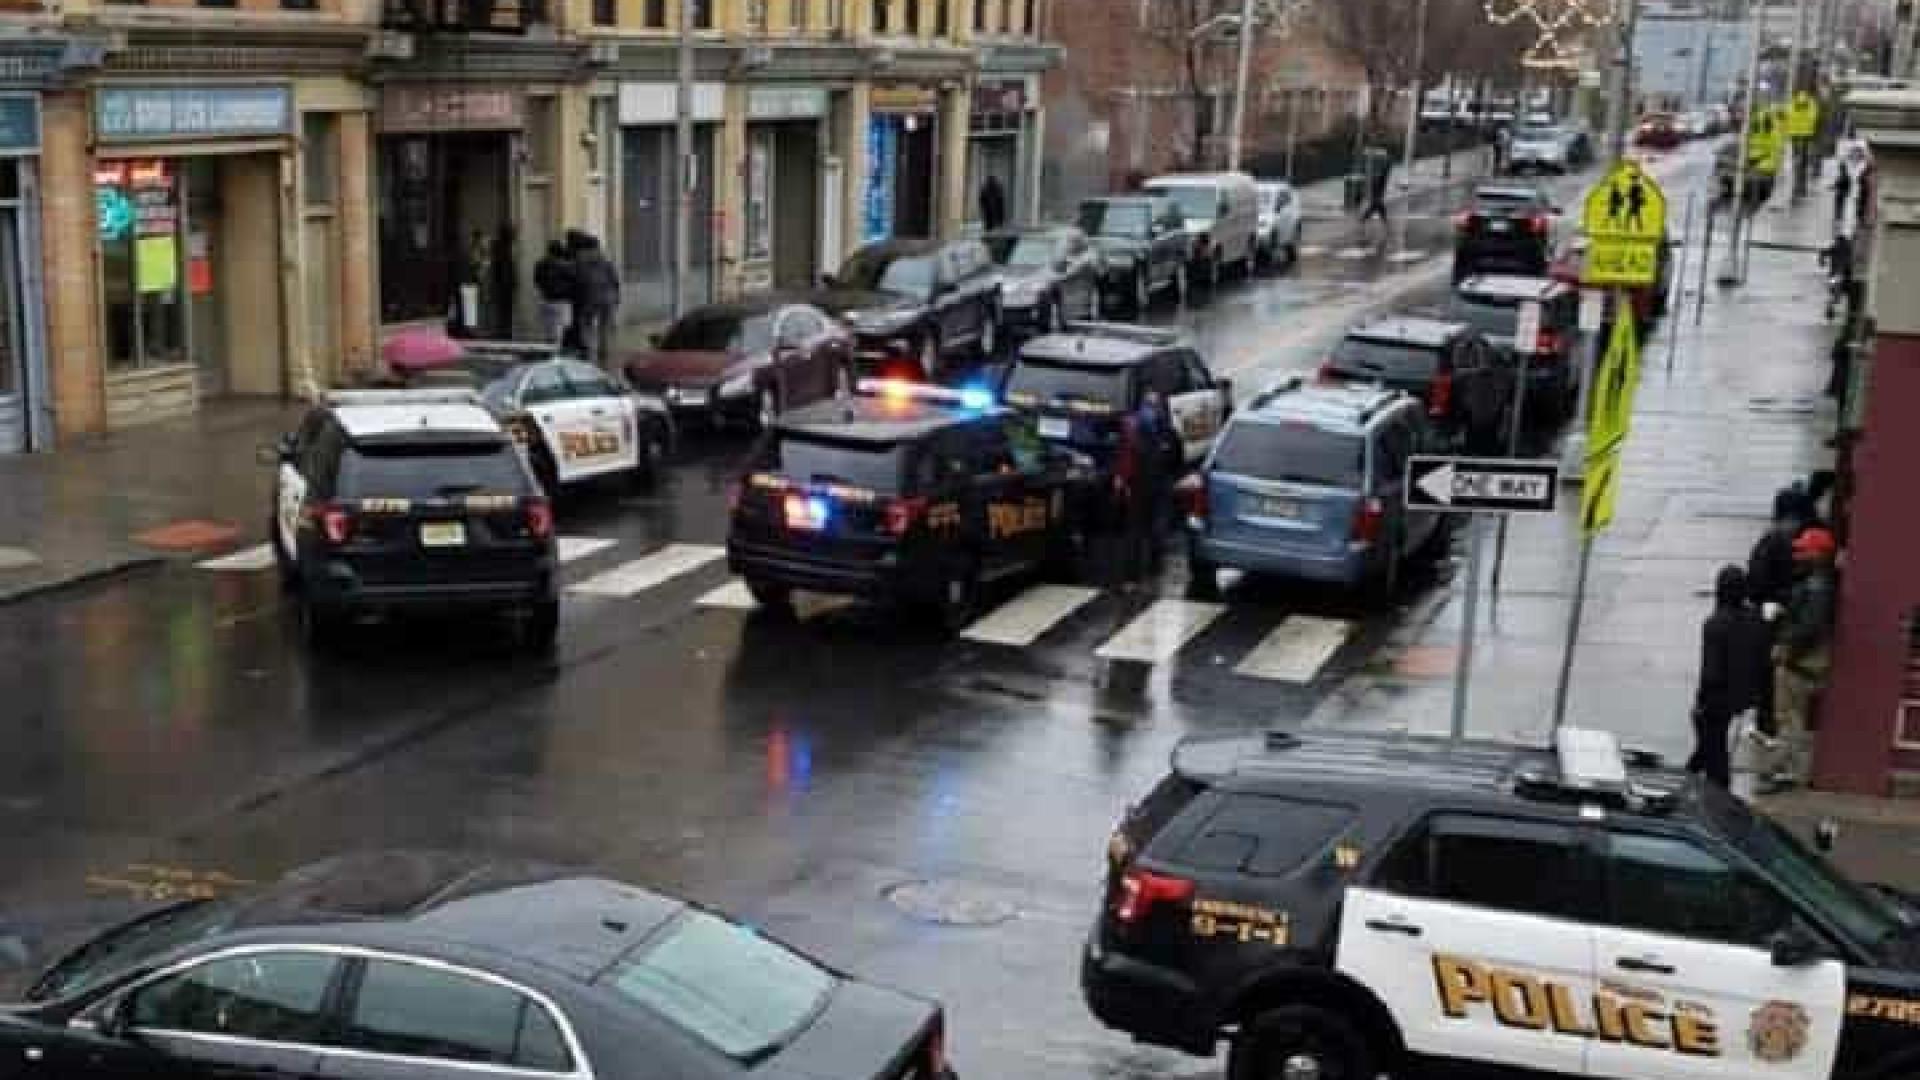 Autoridades respondem a tiroteio em New Jersey. Há agentes feridos